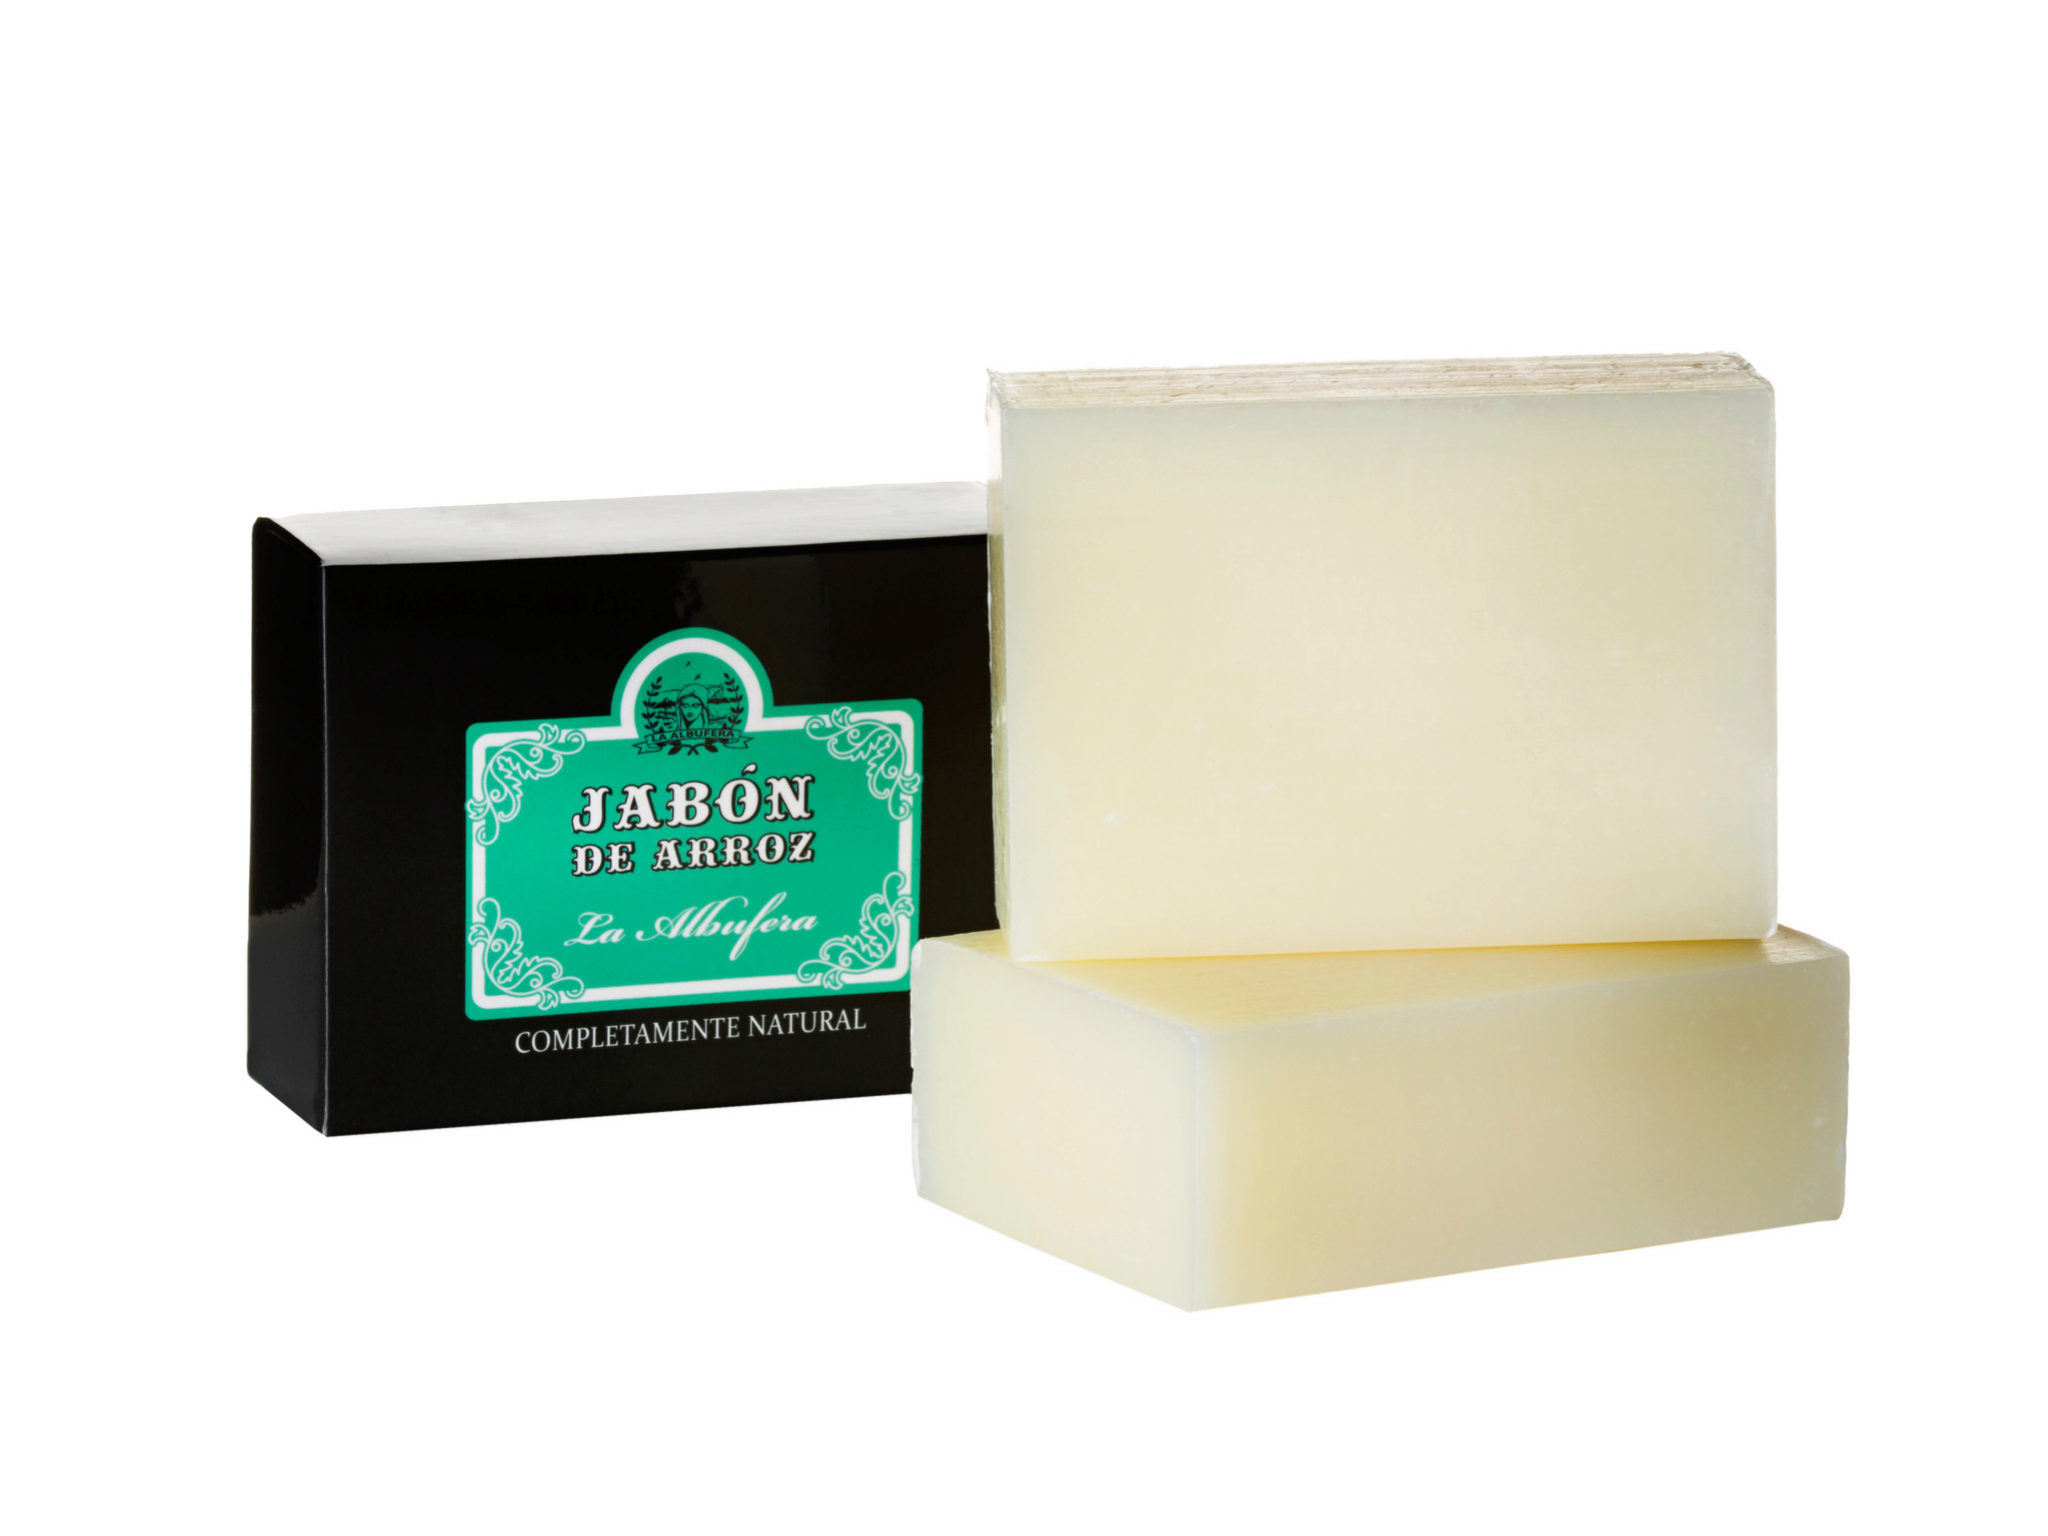 Jabón de La Albufera